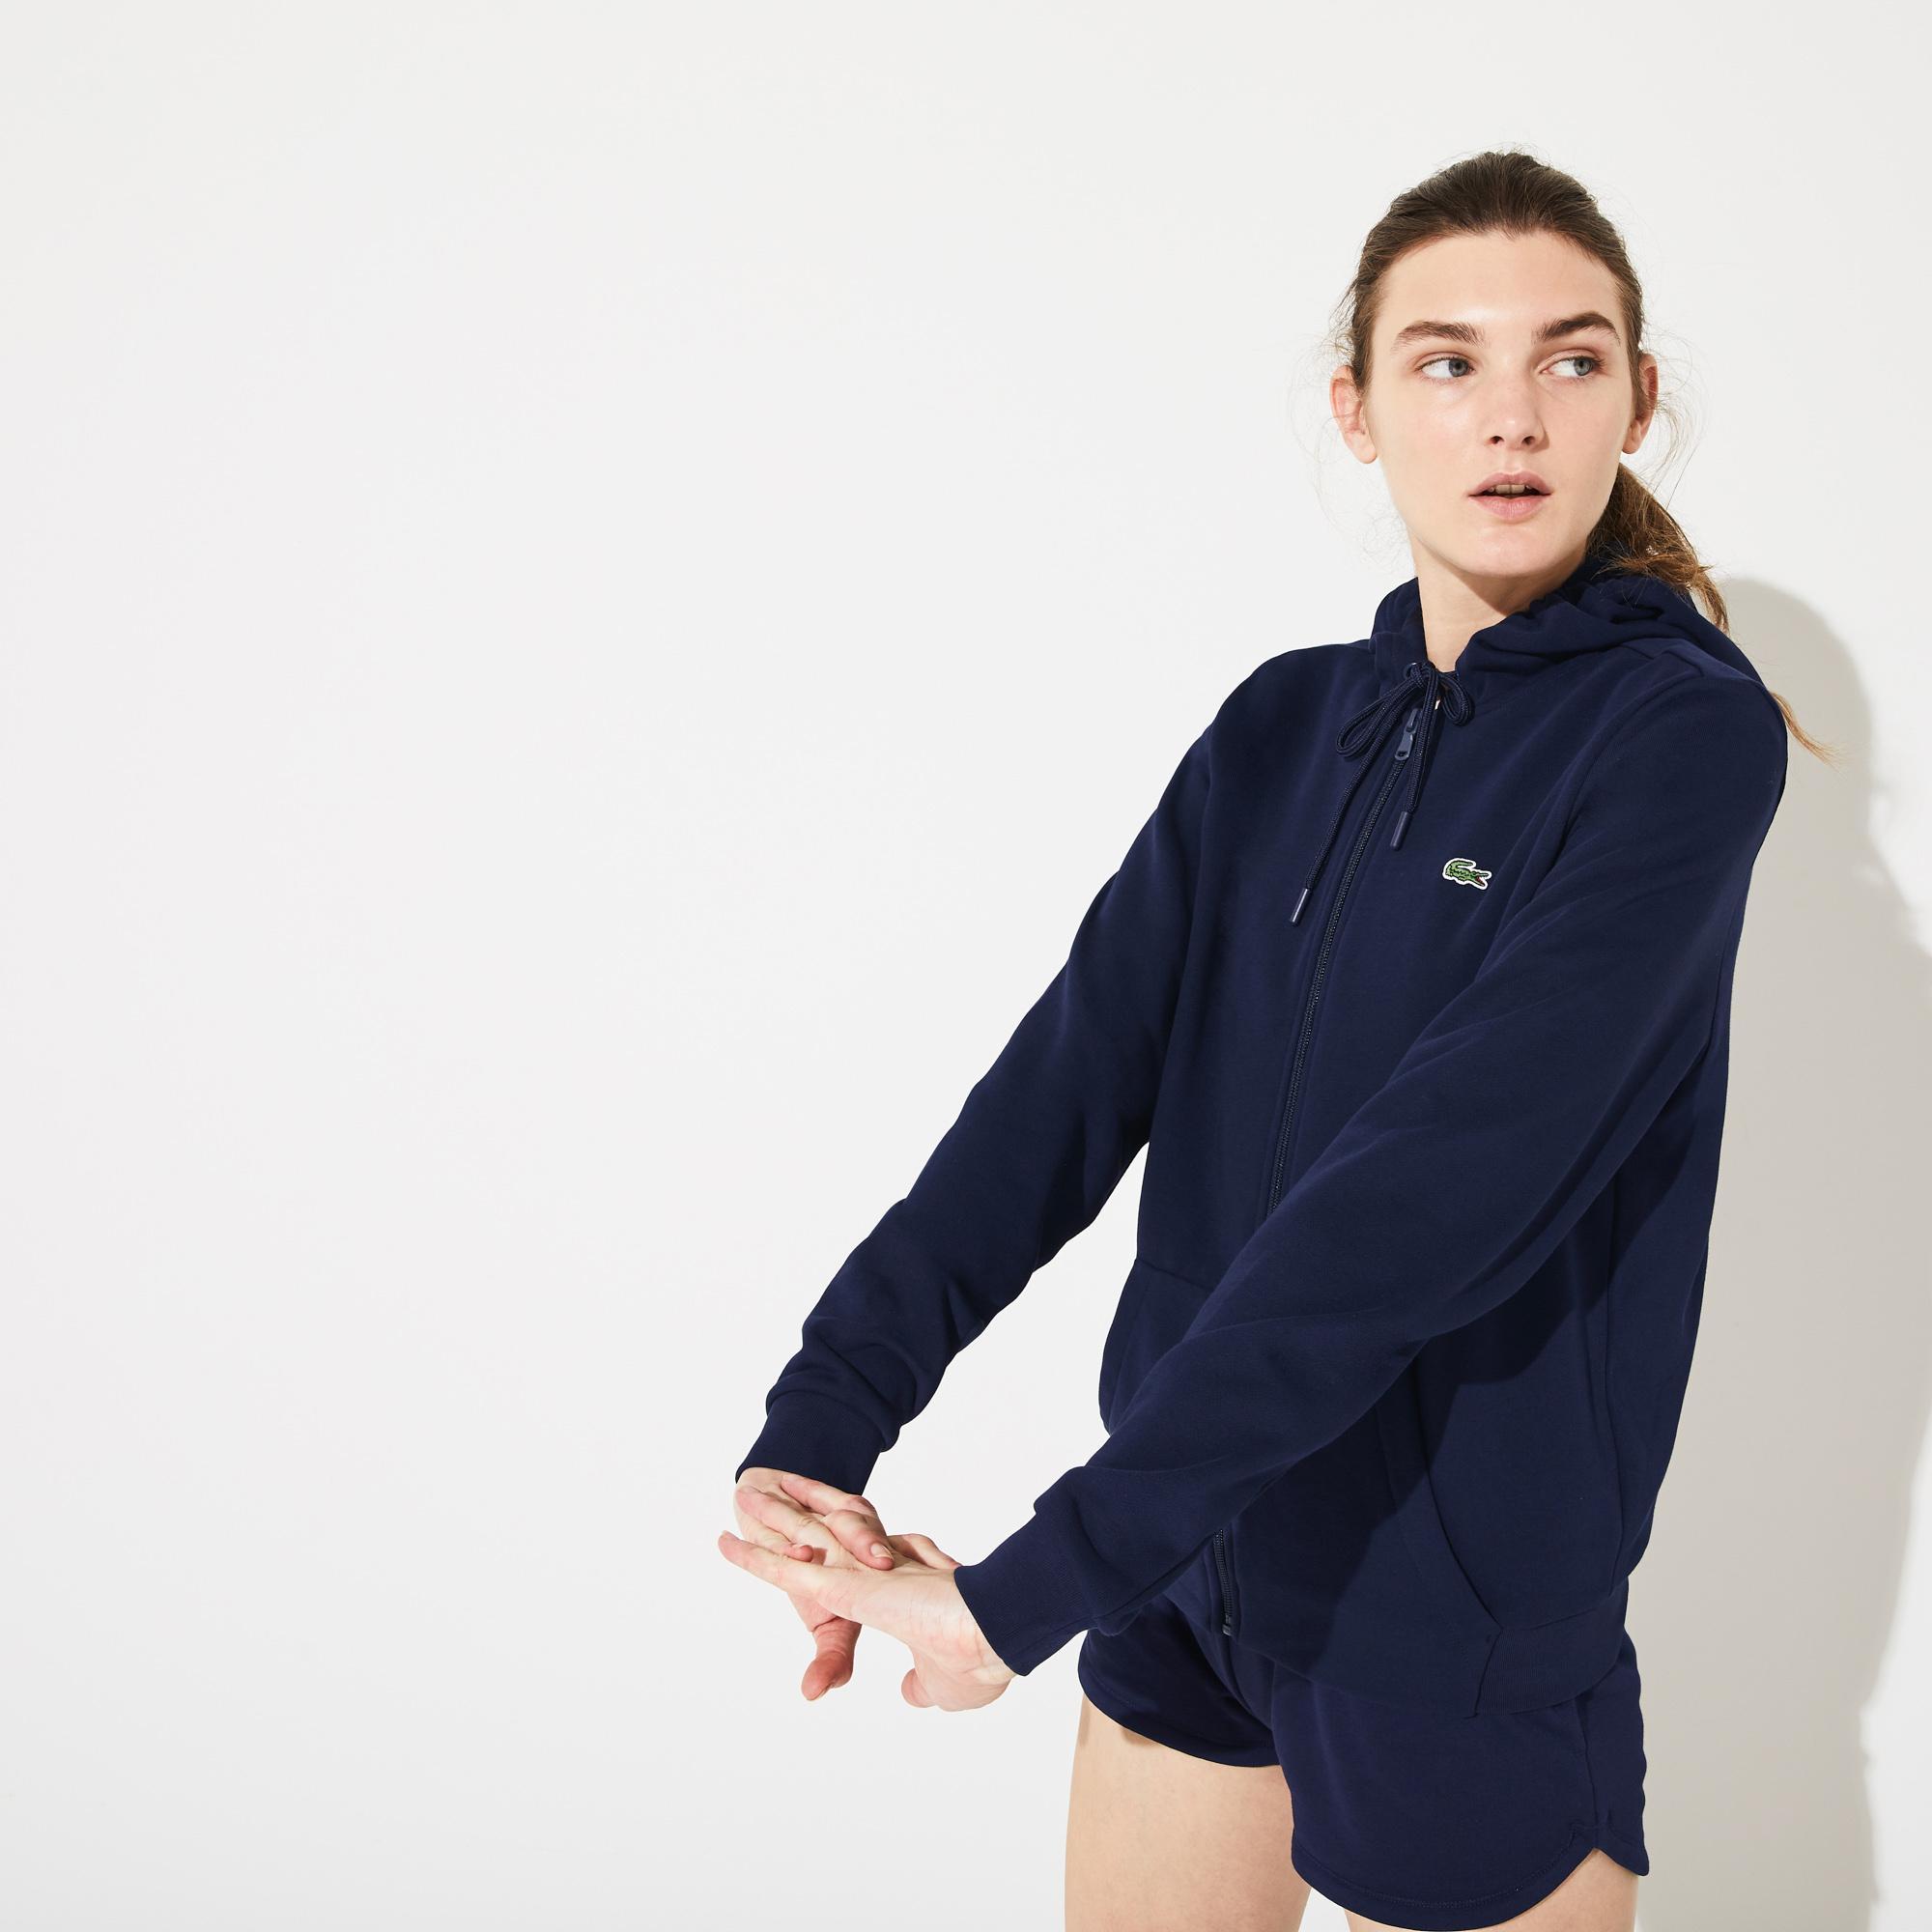 Lacoste Damska Sportowa Bluza Polarowa Z Kapturem Do Gry W Tenisa Na Zamek Błyskawiczny